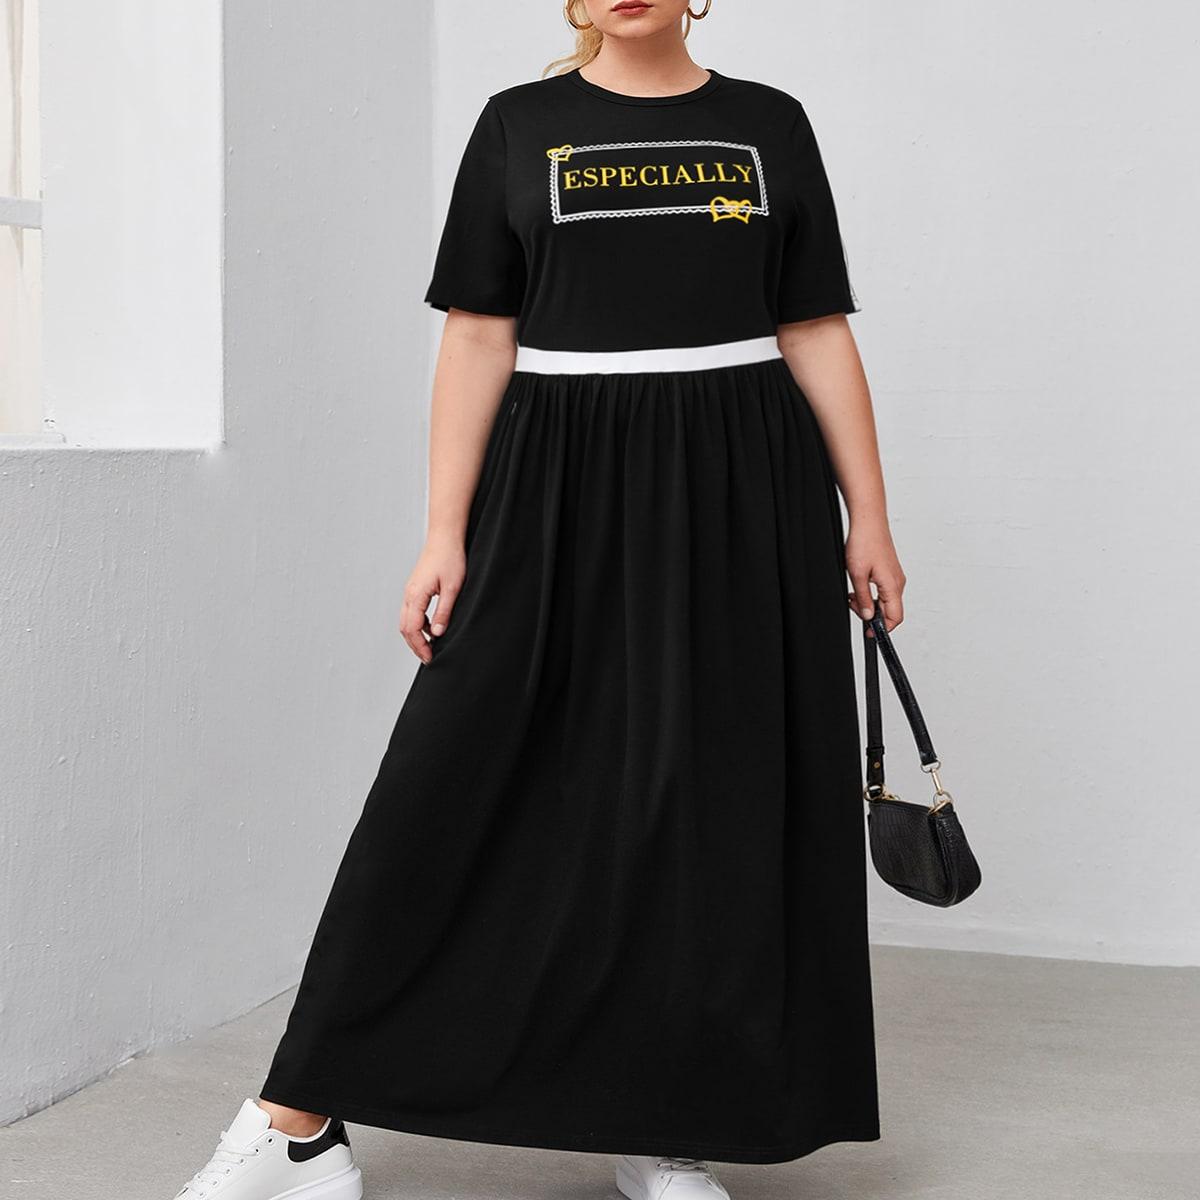 Контрастное платье размера плюс с текстовым принтом по цене 1 190